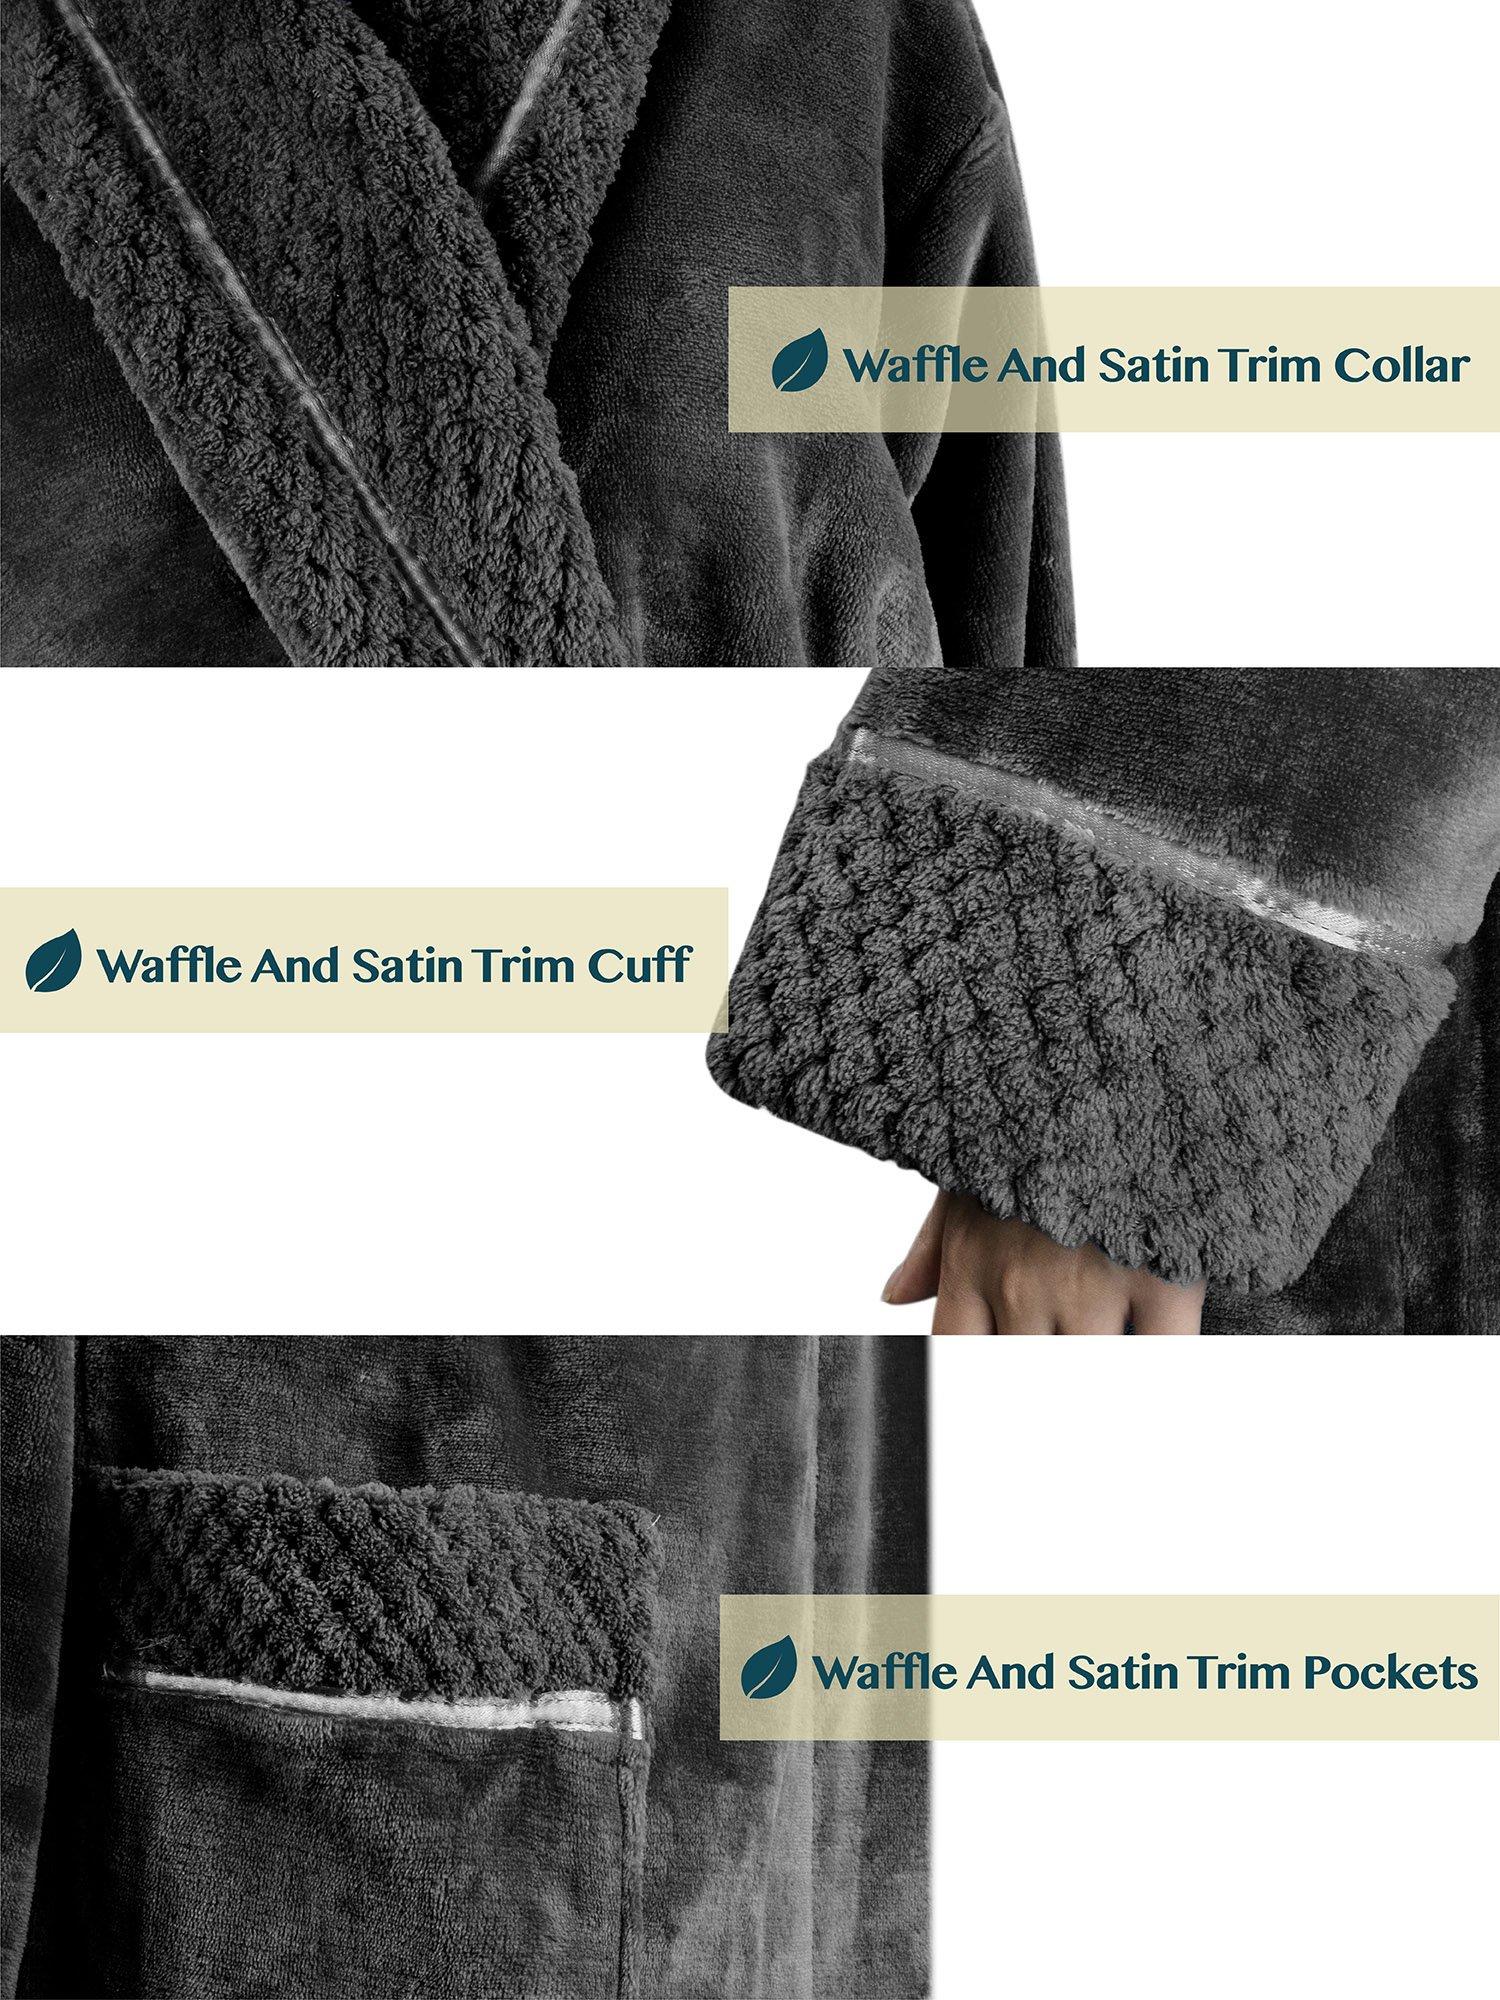 Deluxe Women Fleece Robe with Satin Trim | Luxurious Plush Spa Bathrobe Waffle Design by PAVILIA (Image #6)